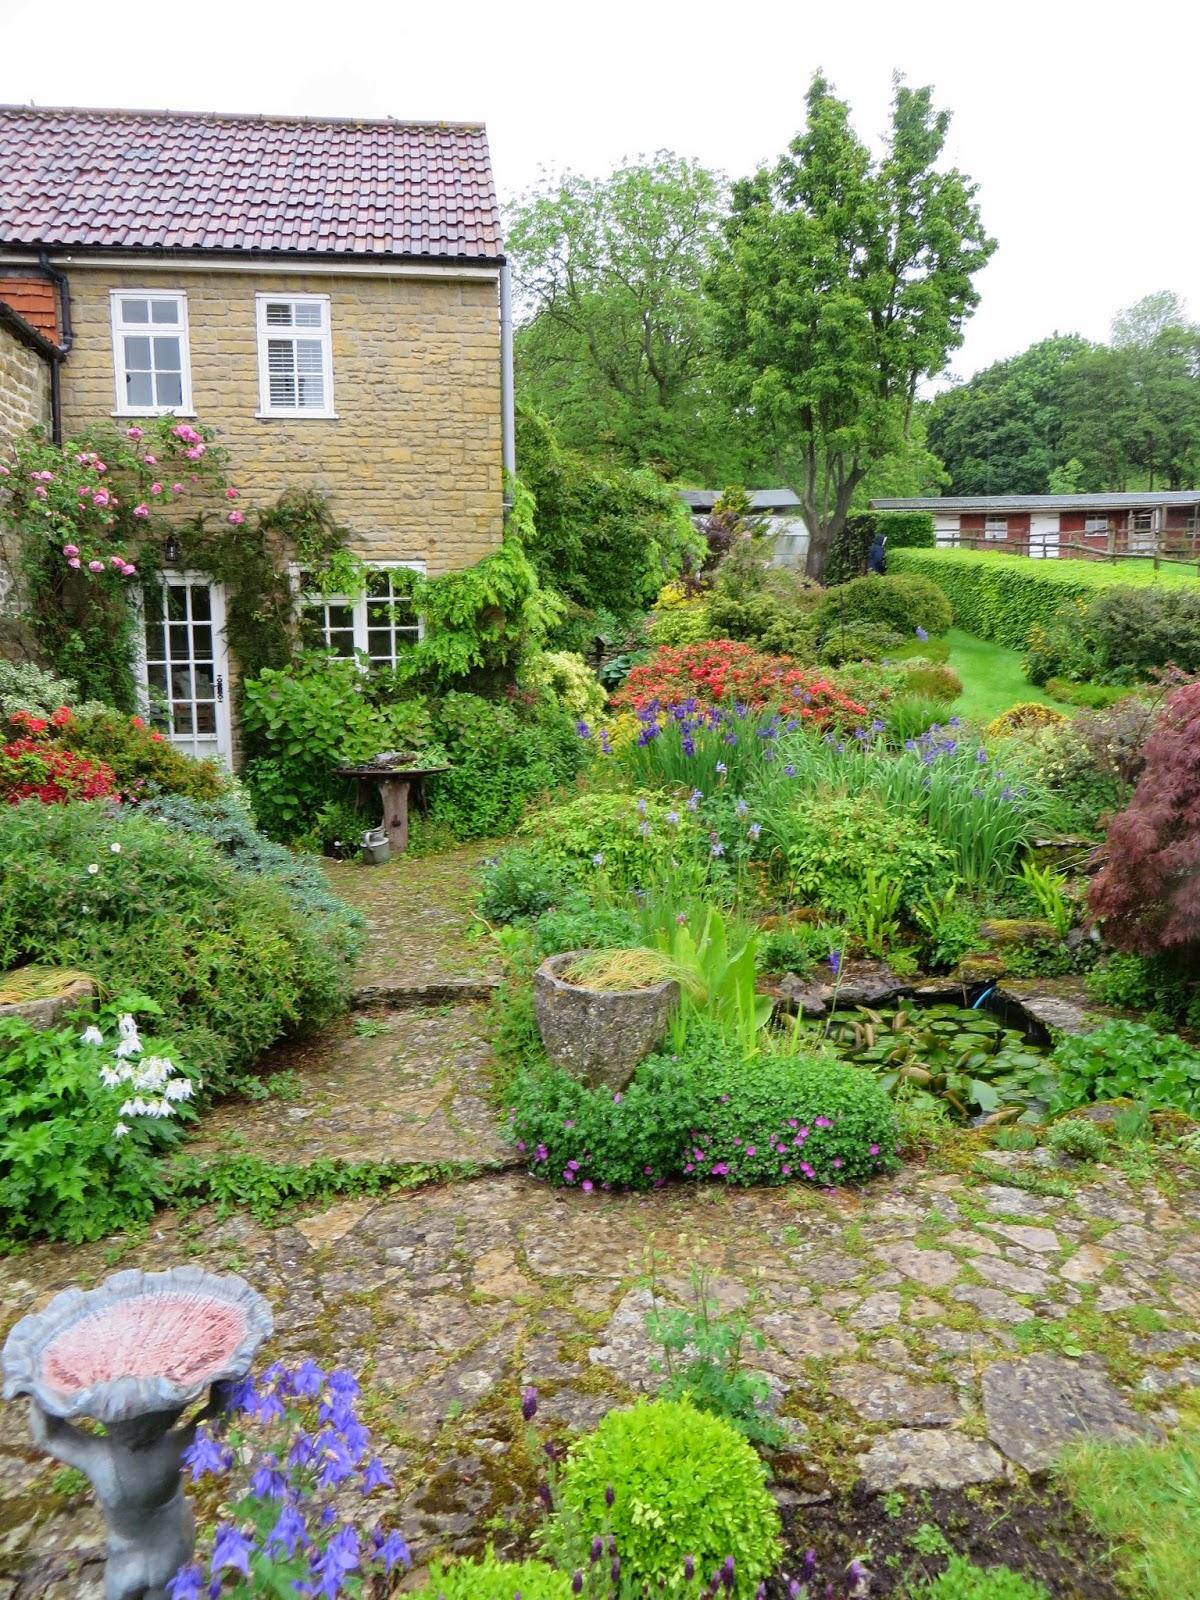 The Gardener's Eye: Chiffchaffs, A Plantsman's Cottage